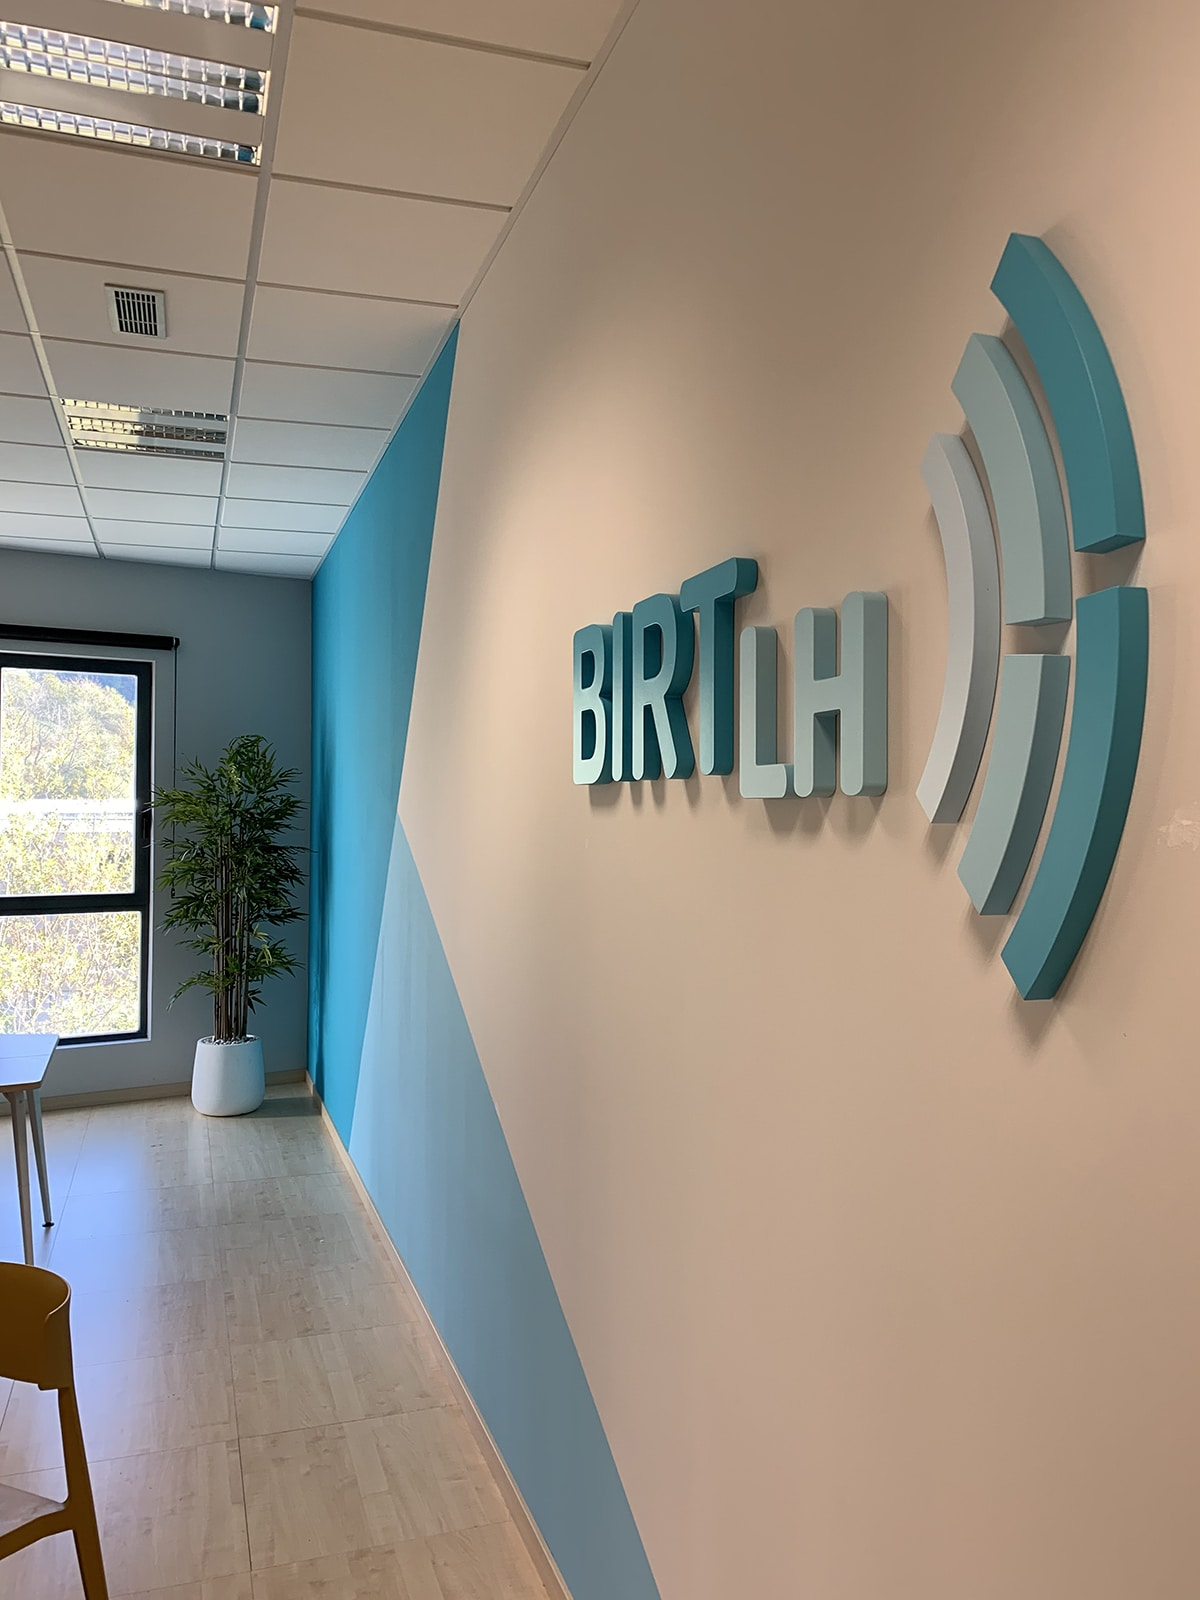 Oficina Birth